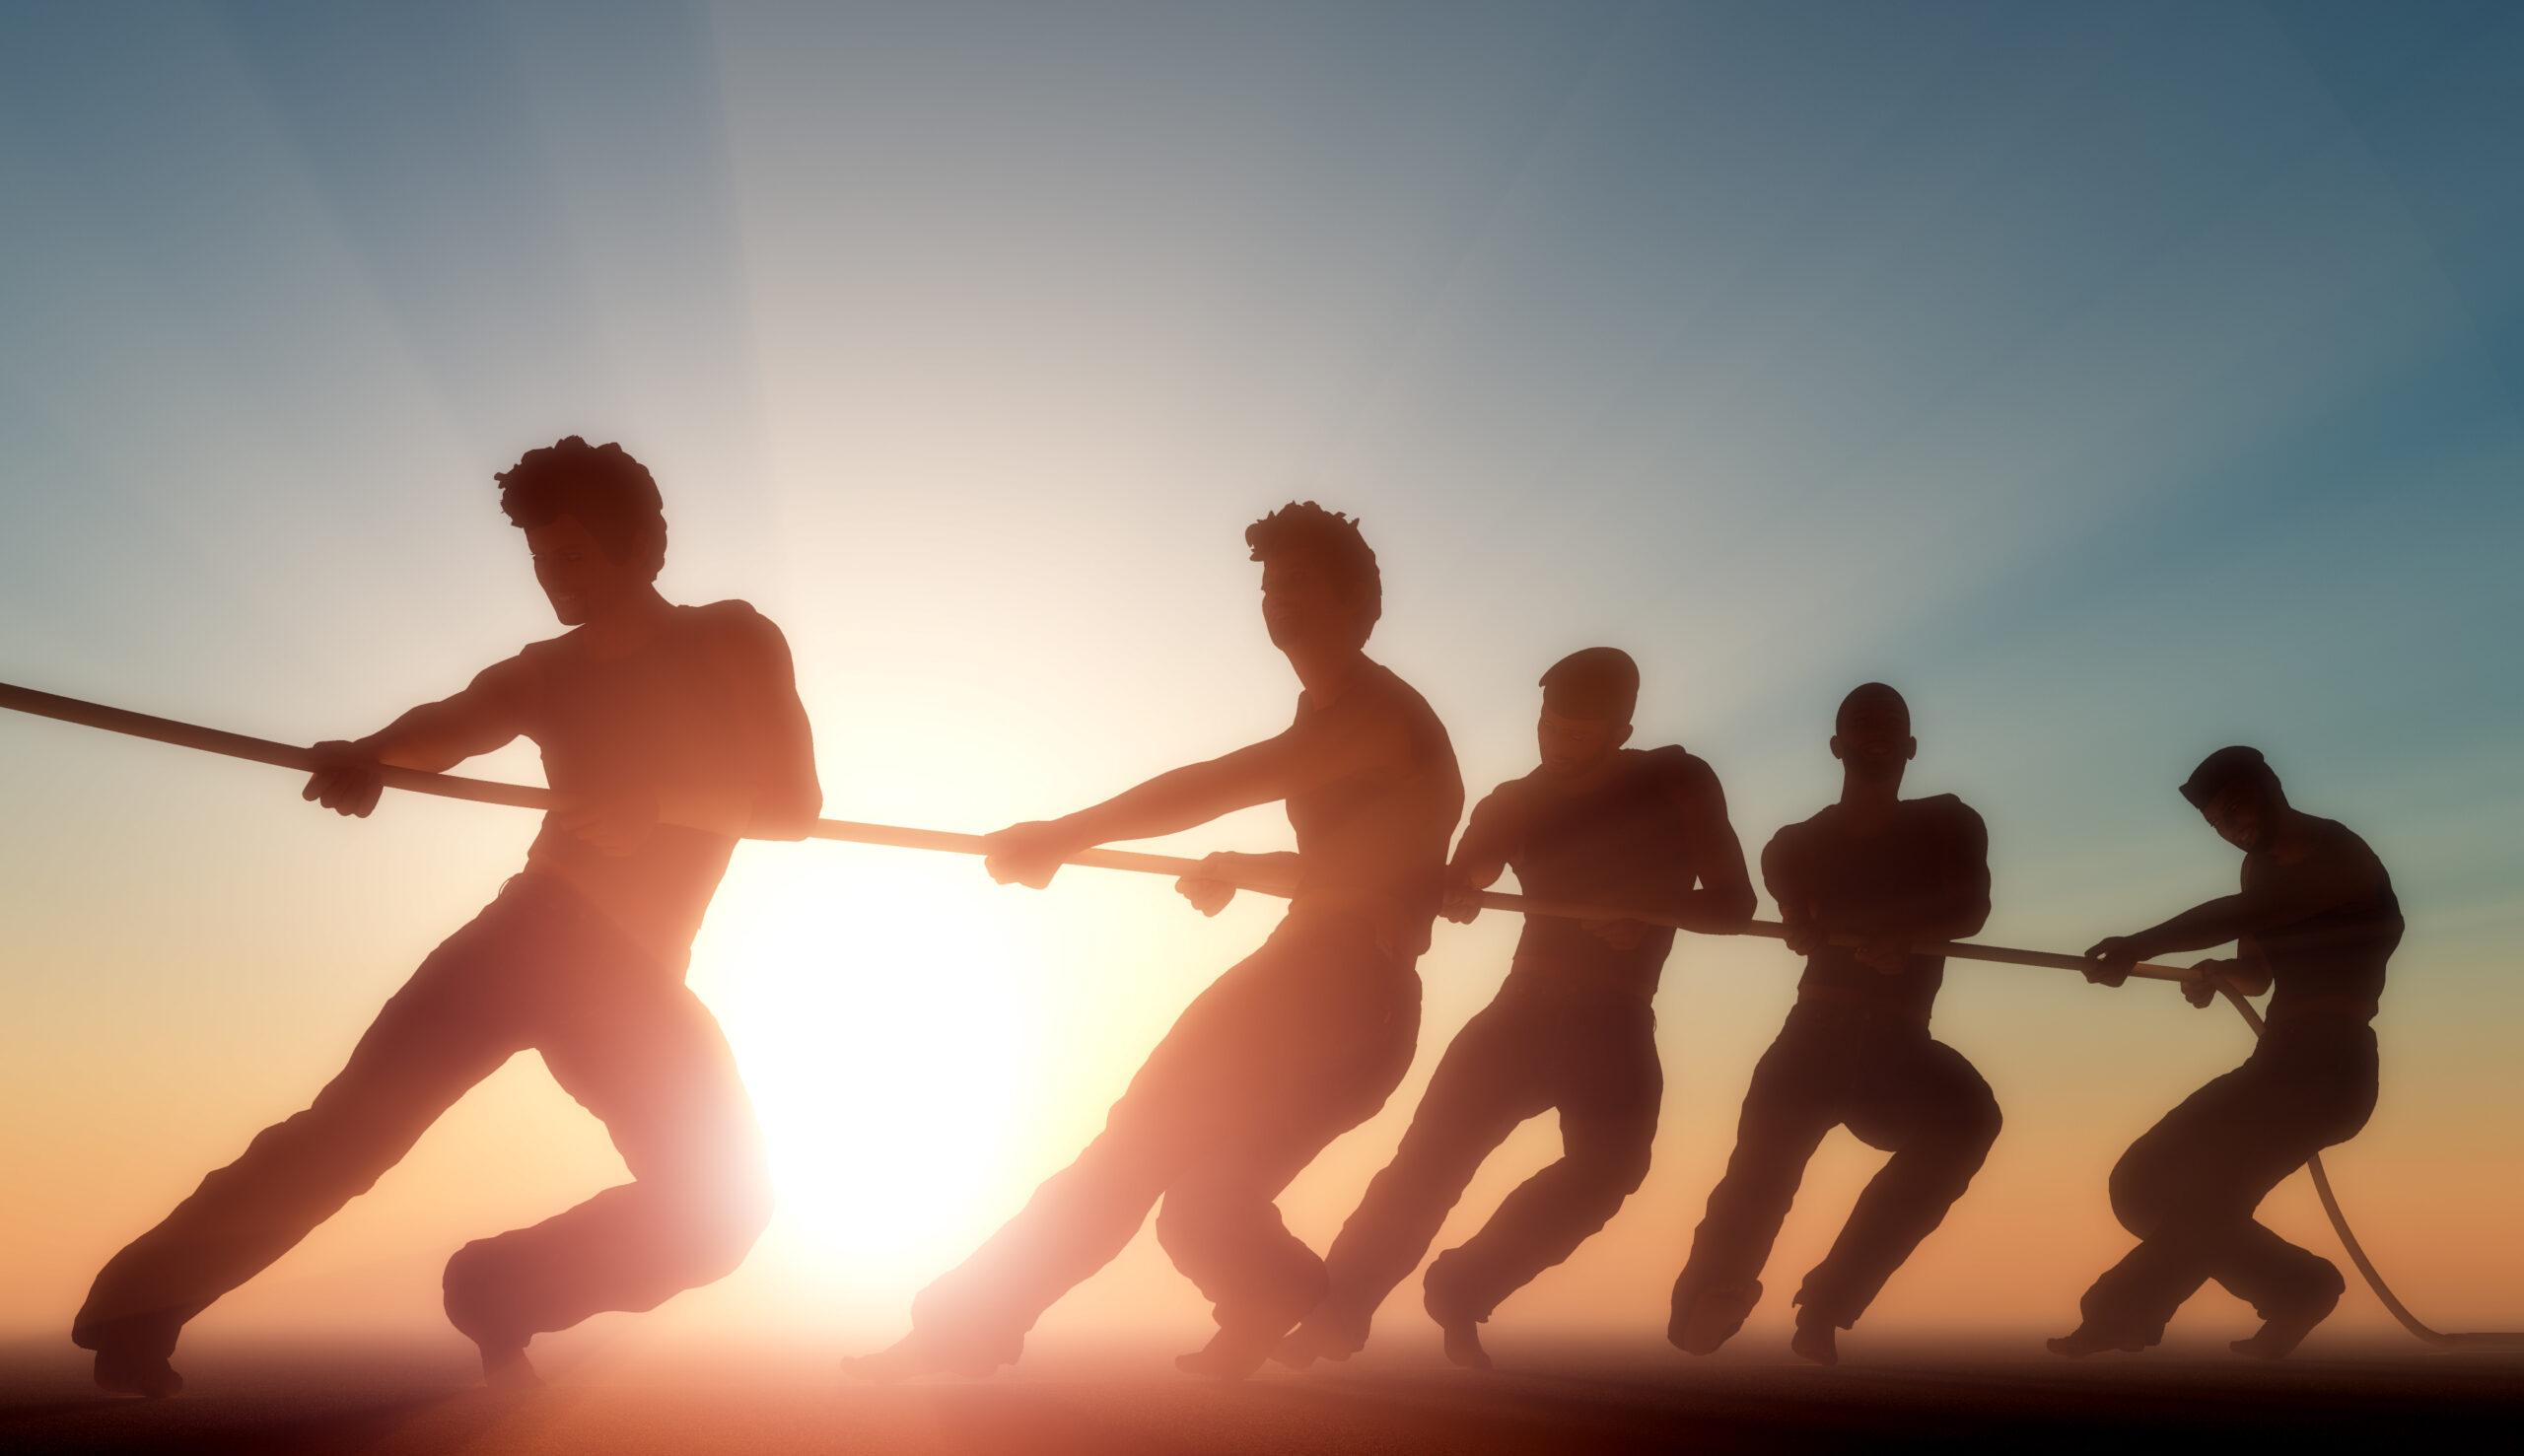 Çalışan Bağlılığı – Çalışanların Güçlü Yönlerini Kullanmalarını Sağlayın